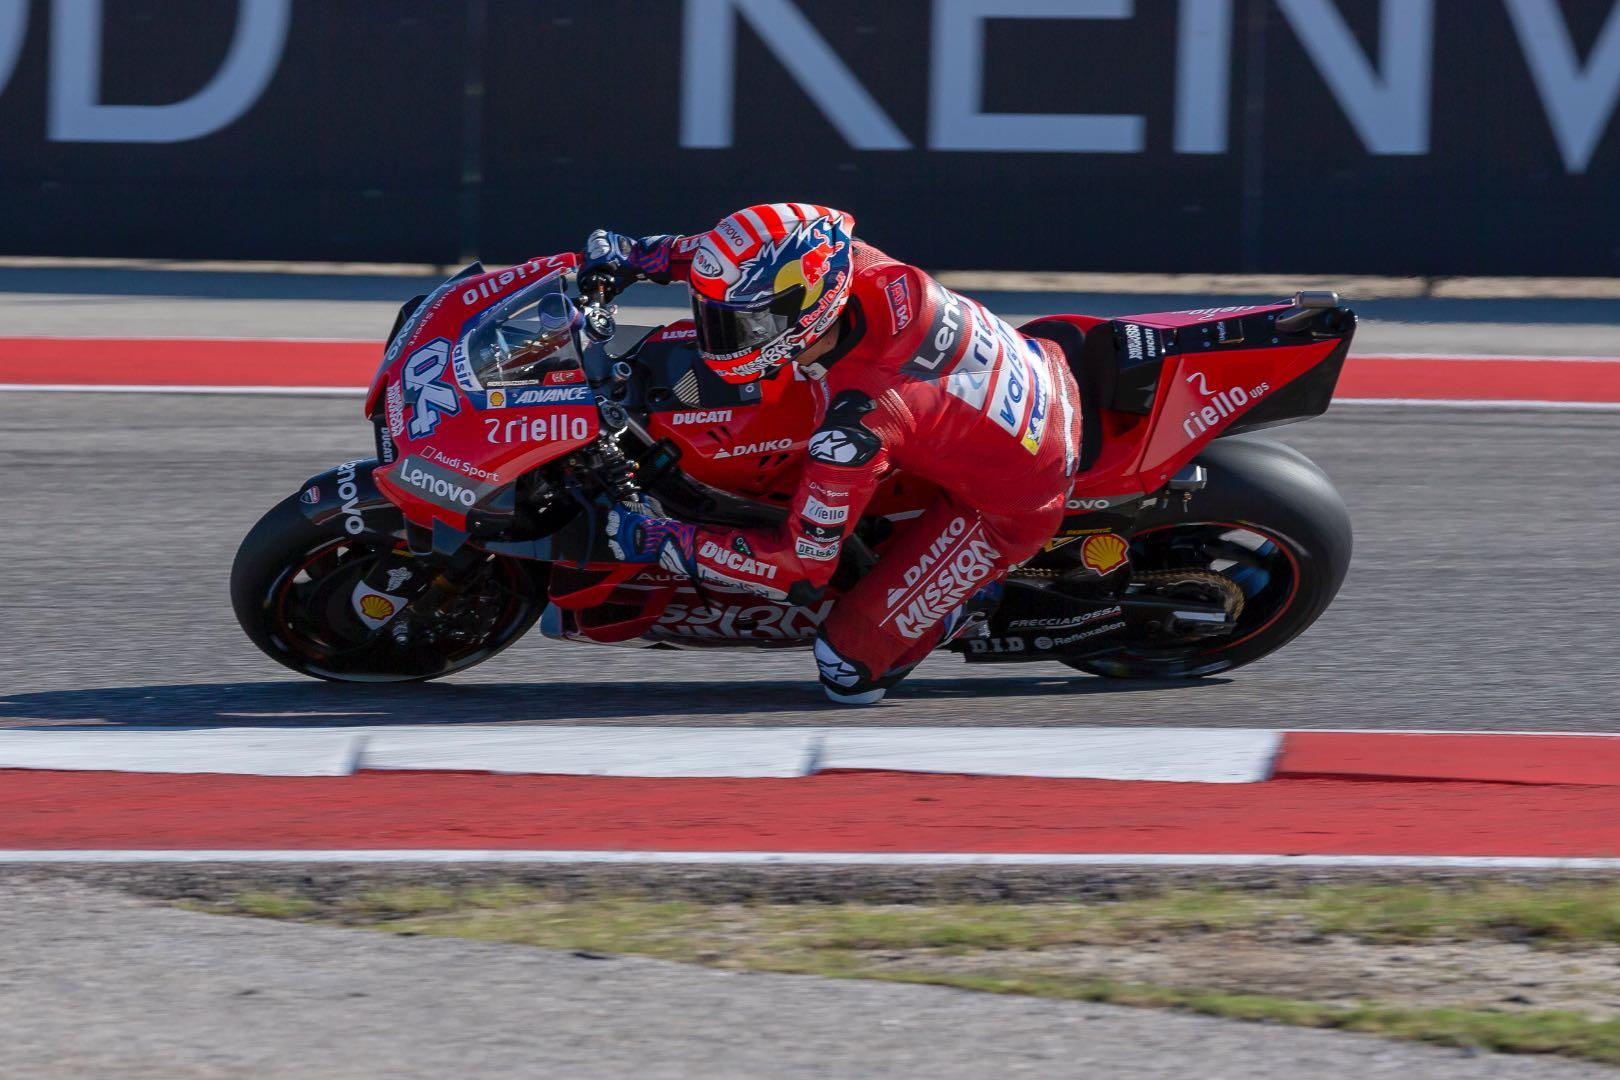 2019 Austin MotoGP Results Andrea Dovizioso